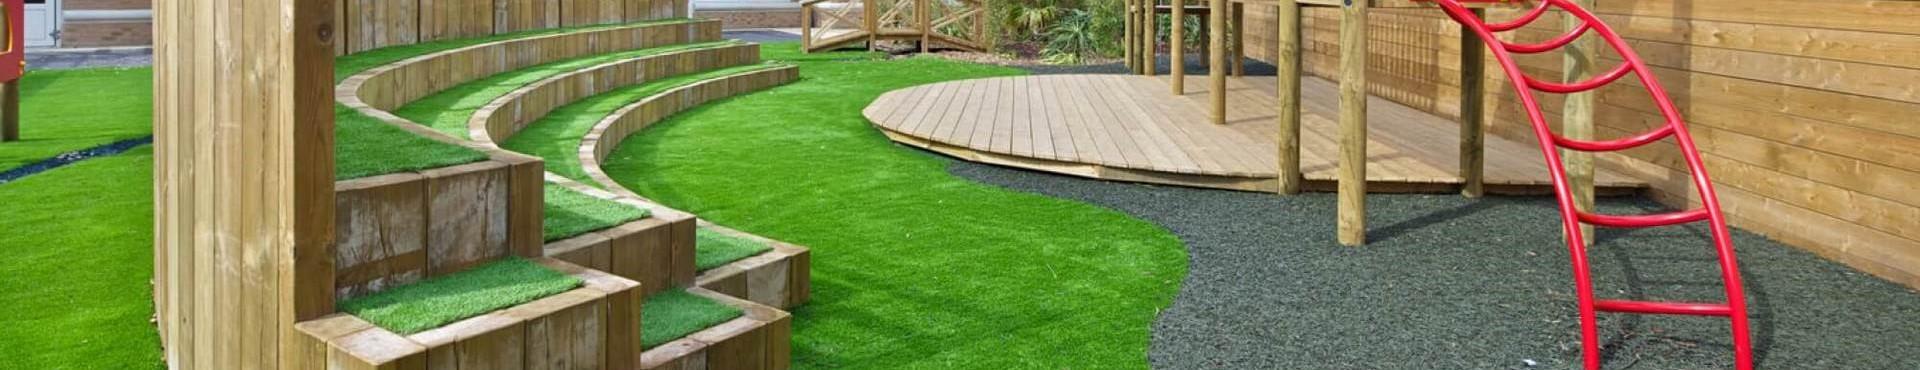 School Artificial Grass